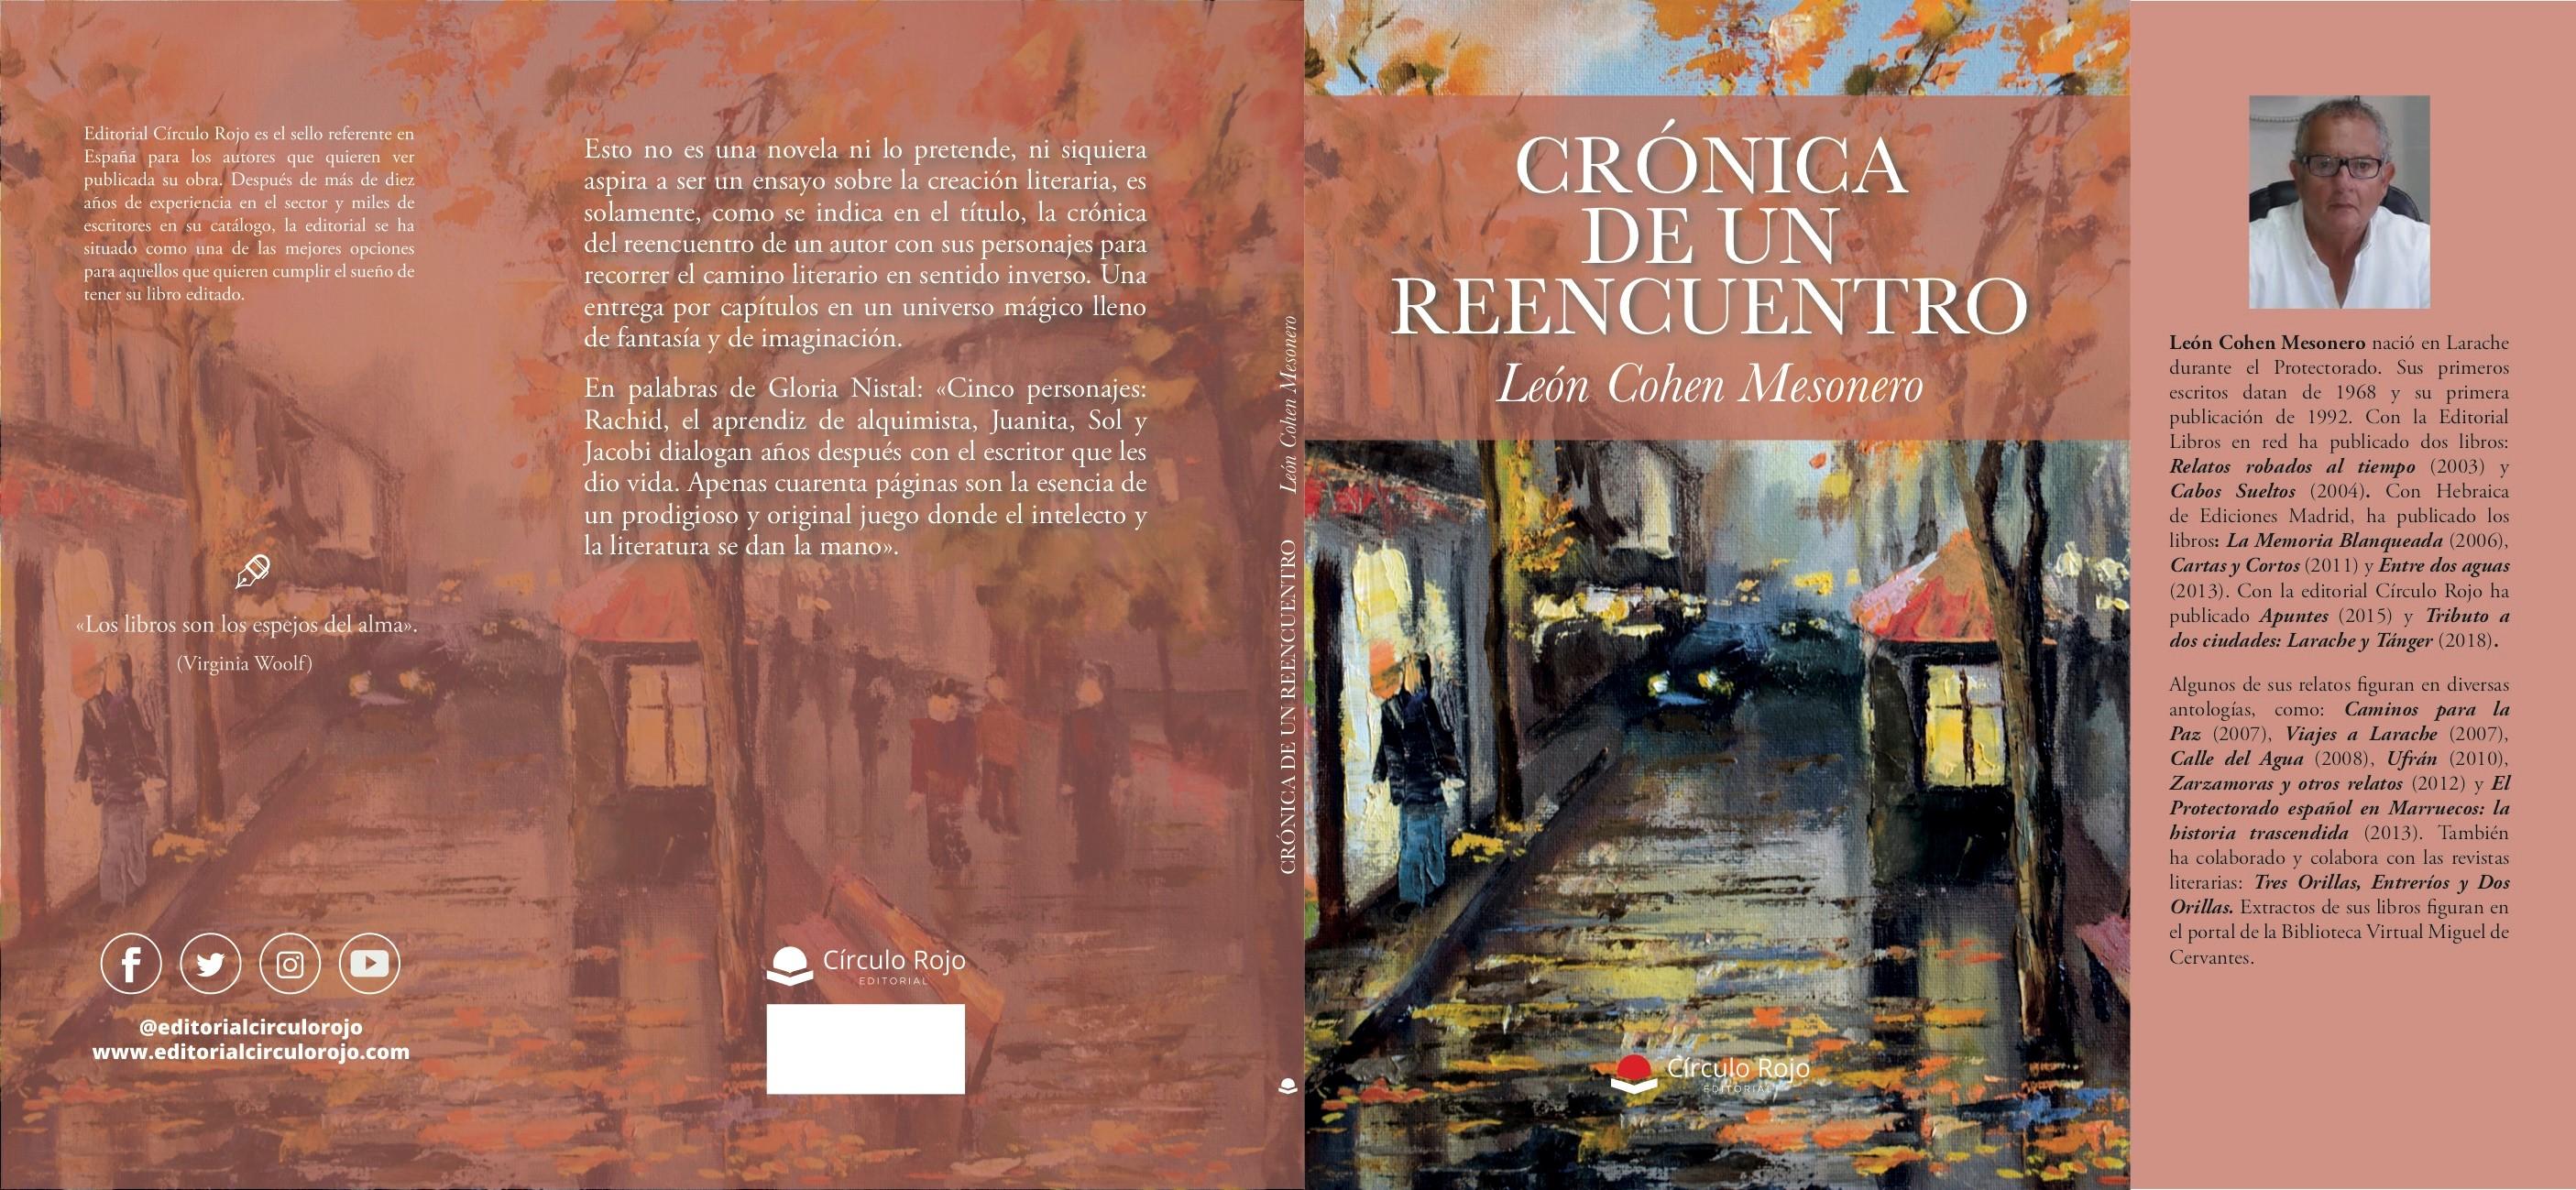 CRONICA... DE LEON COHEN